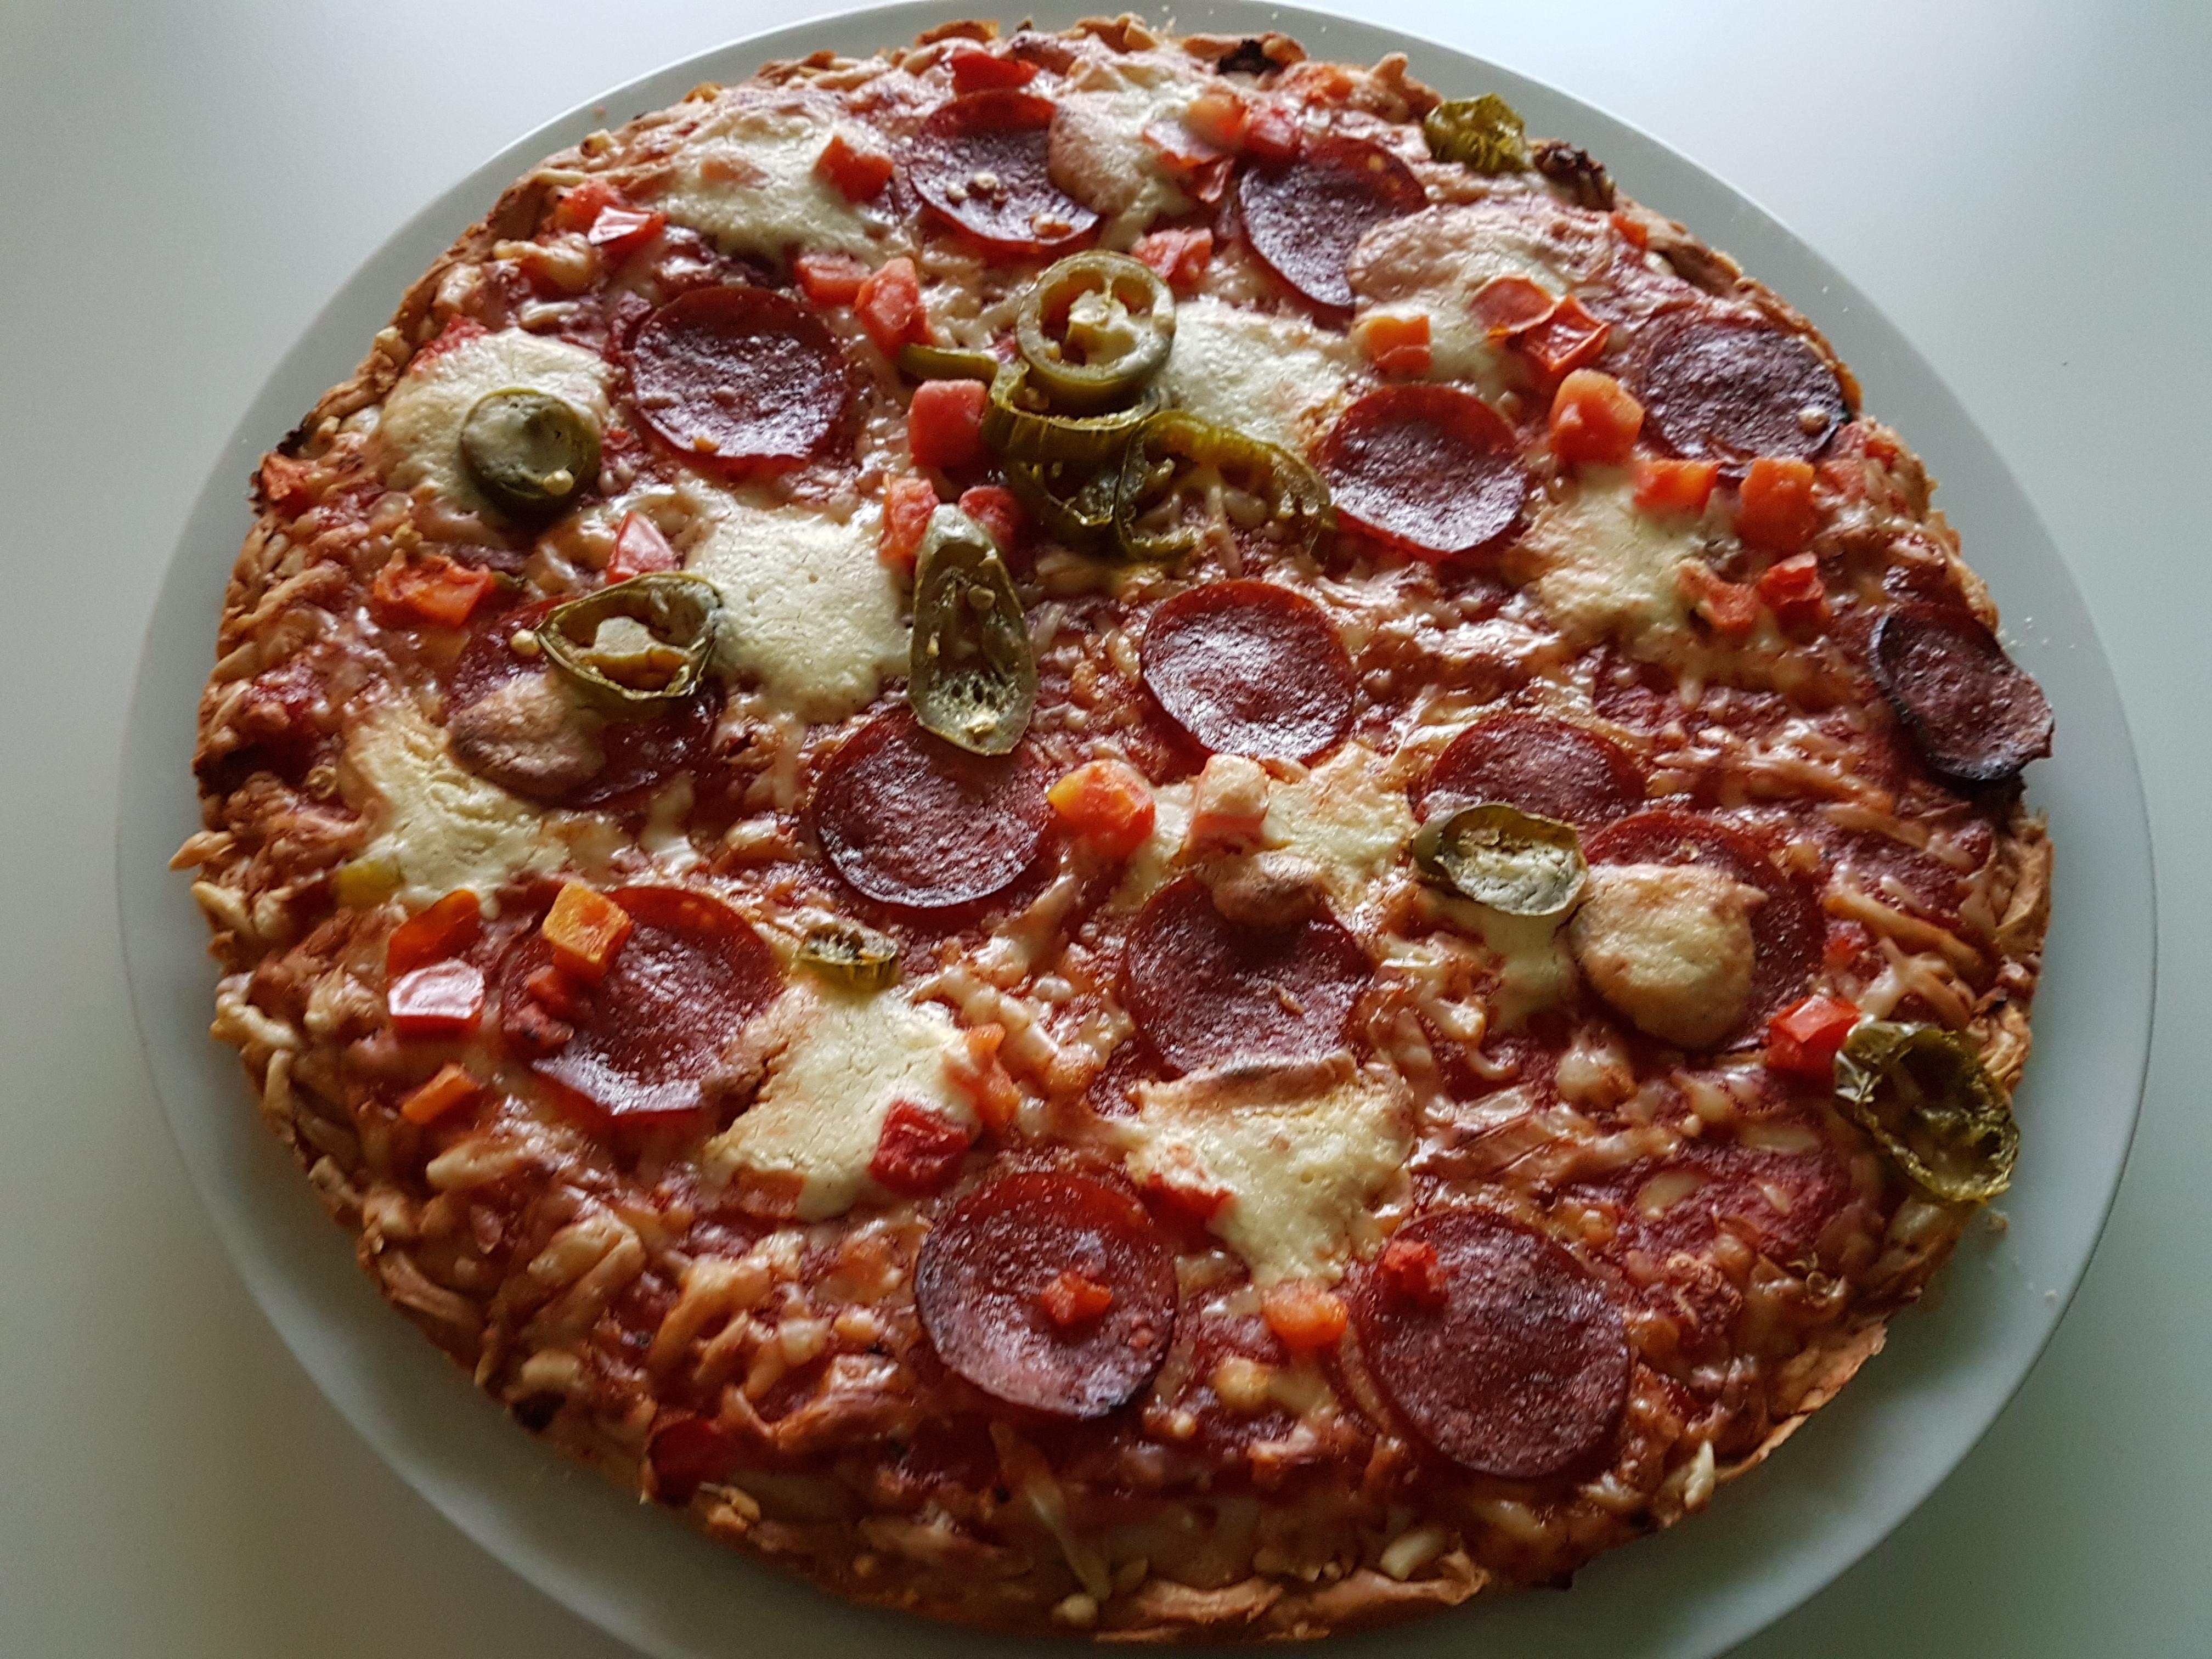 https://foodloader.net/Holz_2017-11-14_Pizza.jpg